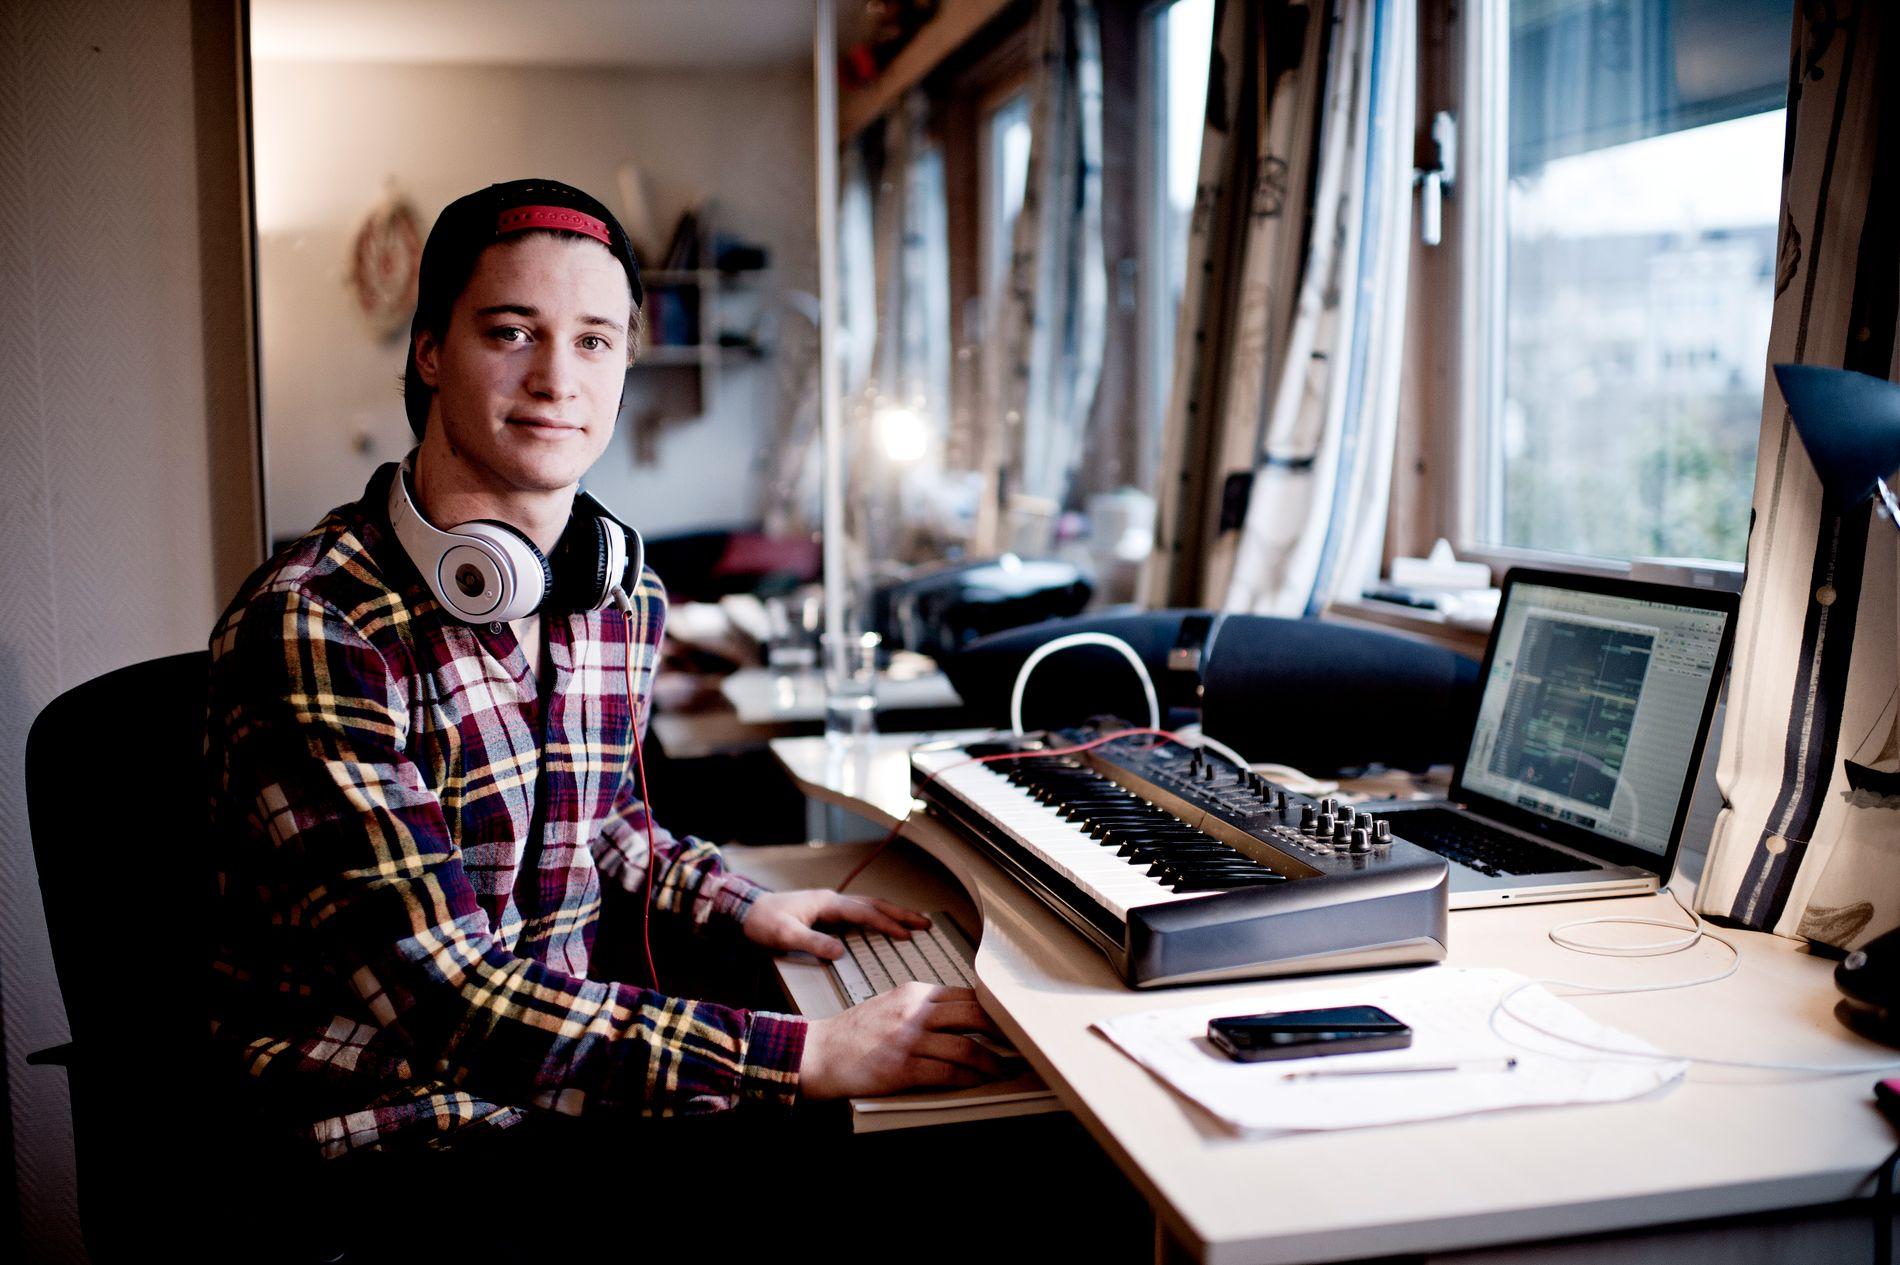 FORAN DATAEN: Det er slik som dette, foran et keyboard og en datamaskin, at musikken til Kyrre Gørvell-Dahll, bedre kjent som Kygo, blir til. Så langt har han laget remikser av kjente sanger. - Jeg finner sanger jeg liker, og tenker at jeg kan gjøre noe annerledes, sier han.